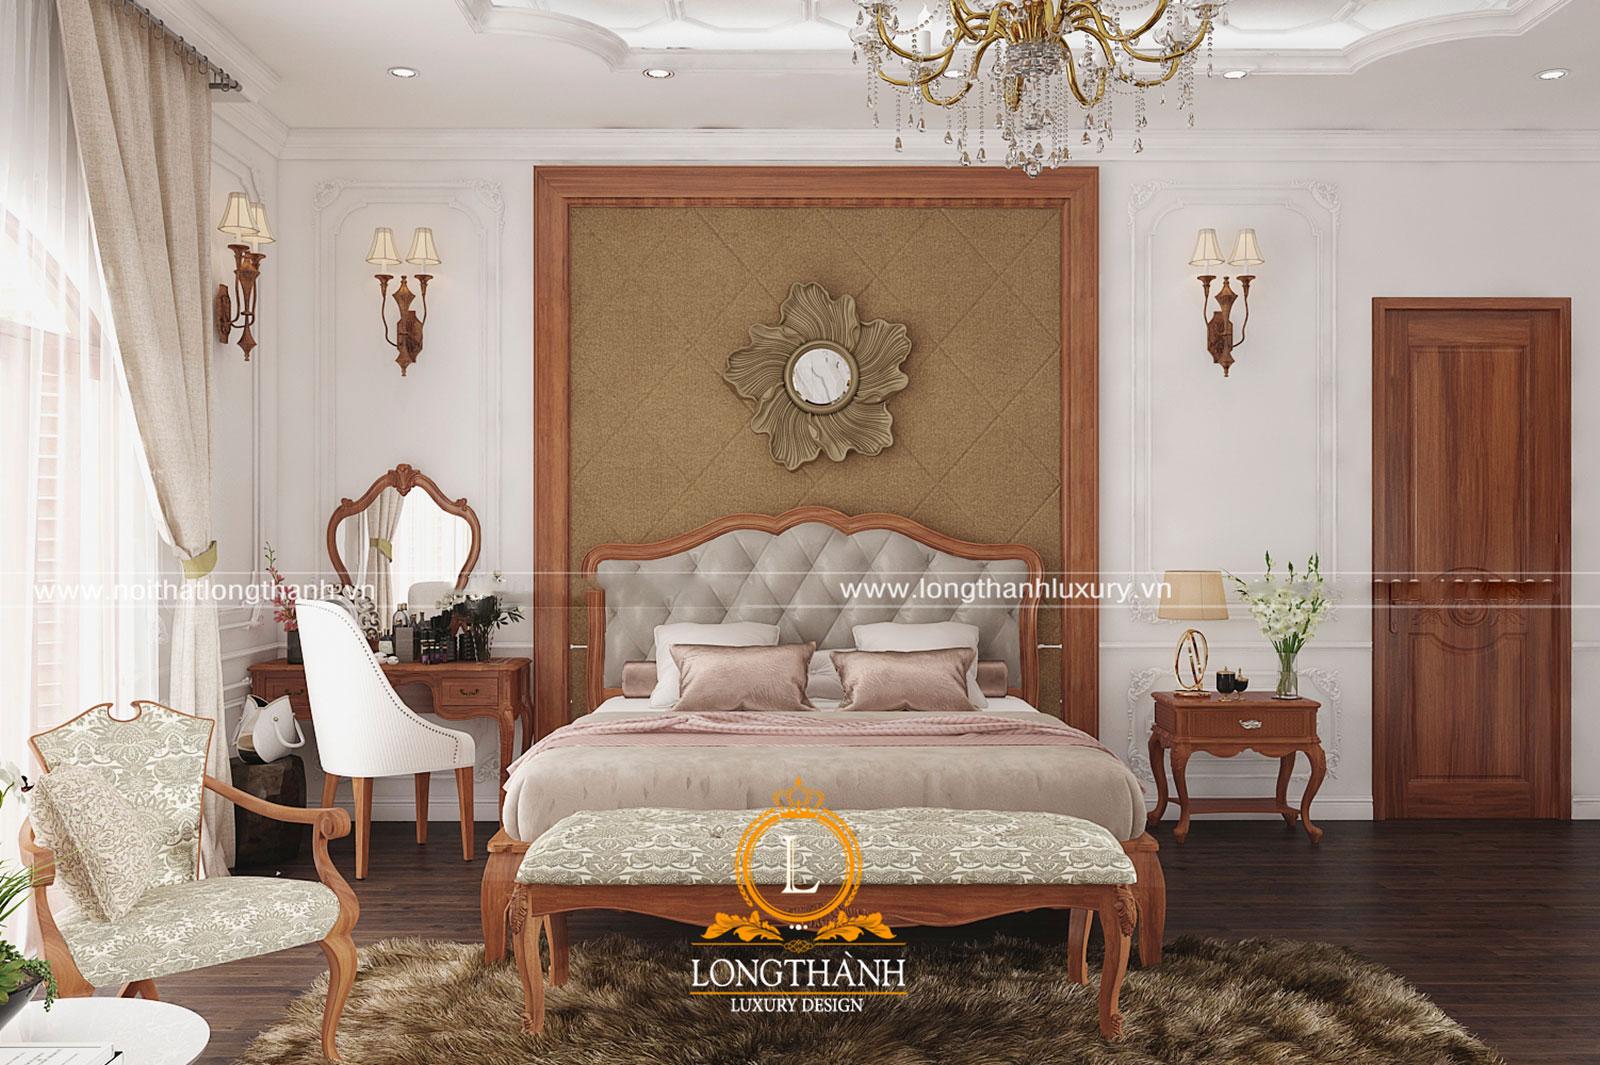 Mẫu táp đầu giường bằng gỗ đơn giản